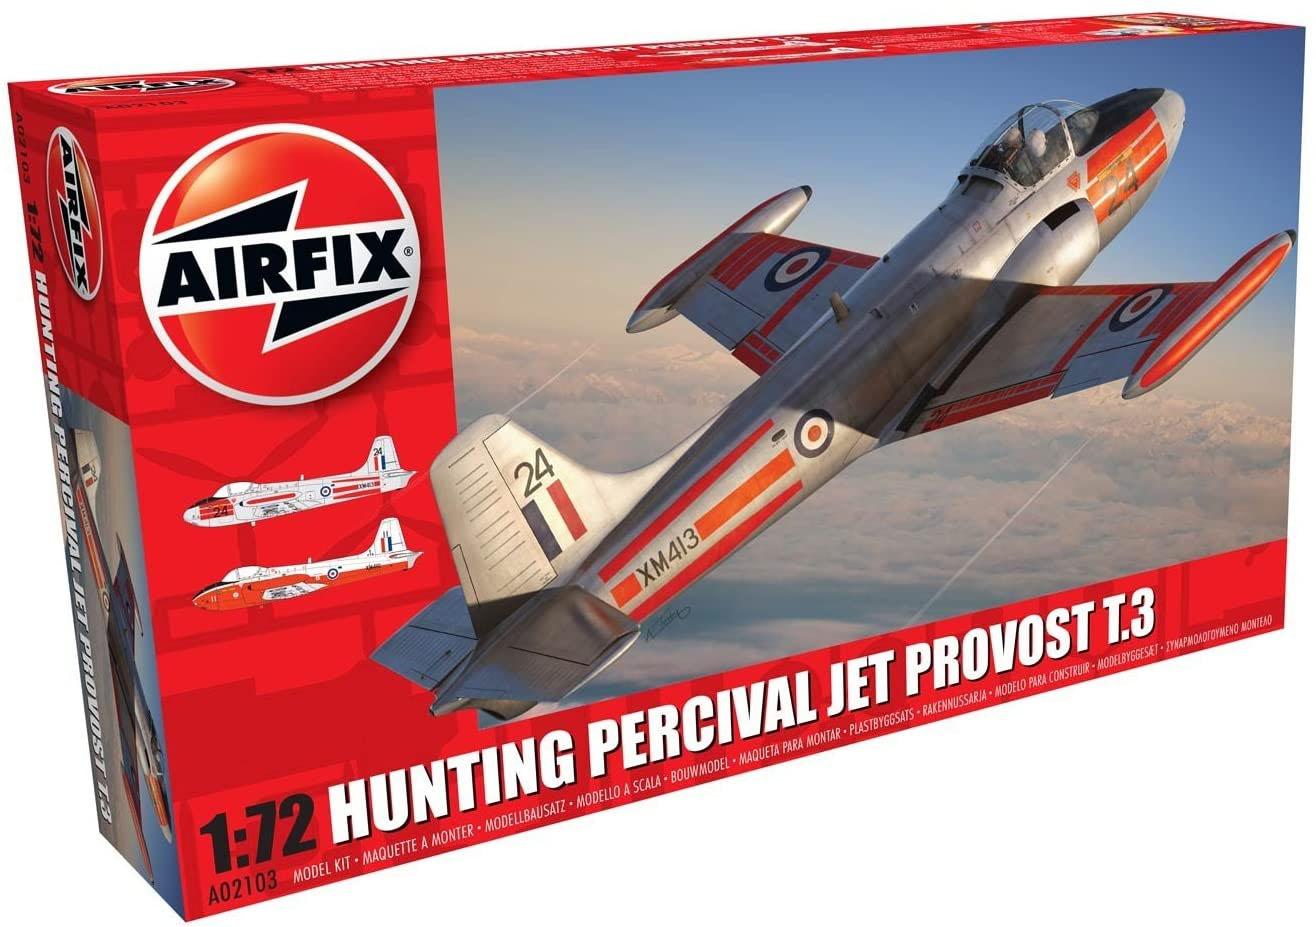 Hunting Percival Jet Provost T.3 - 1/72 - Airfix A02103  - BLIMPS COMÉRCIO ELETRÔNICO